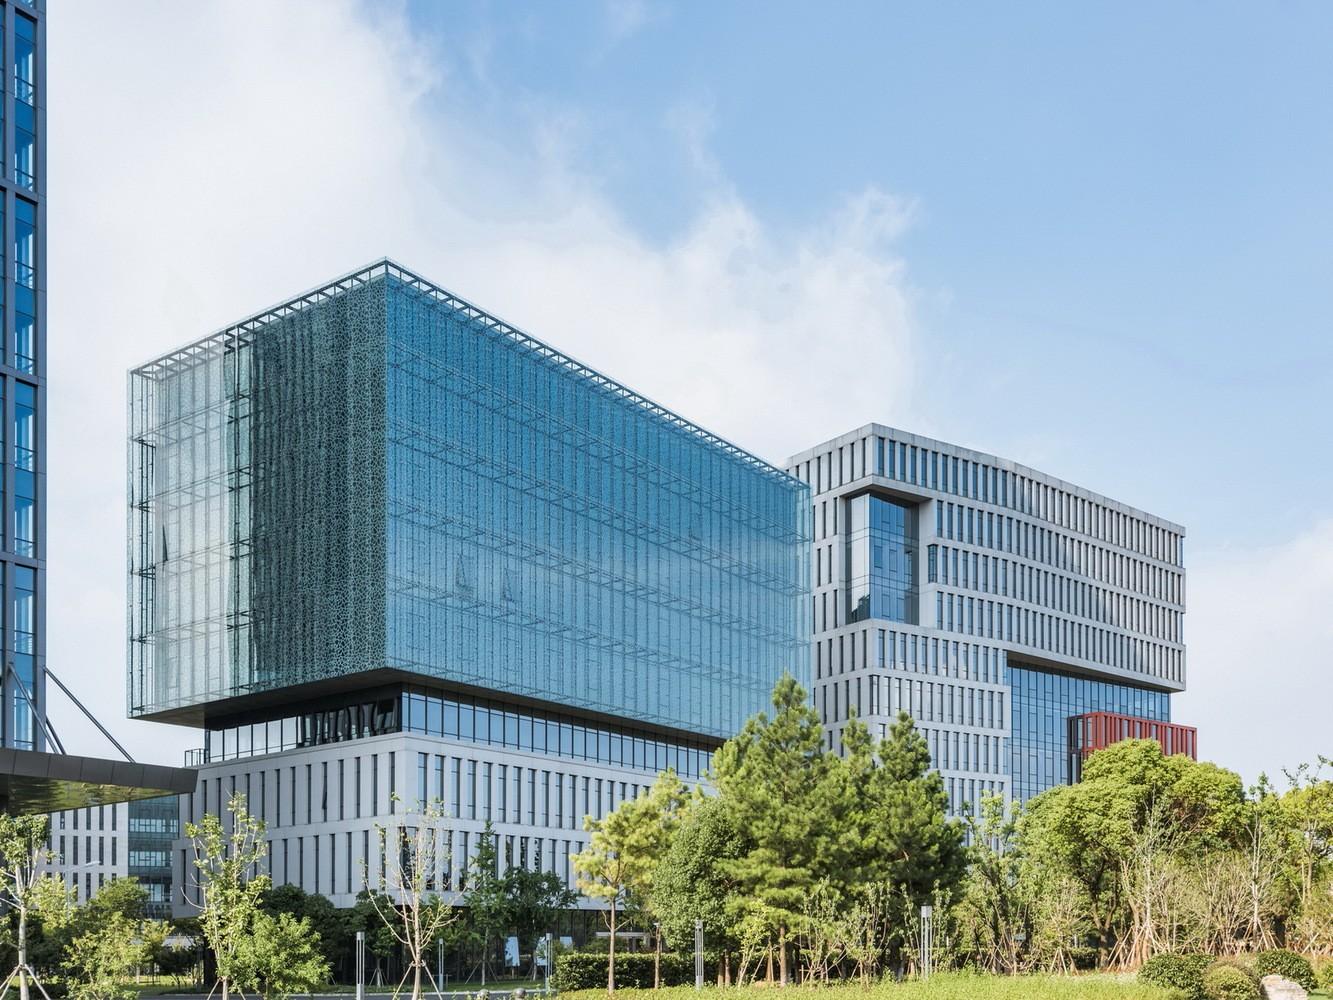 苏州工业园区人工智能产业园 / 德国fta建筑设计图片